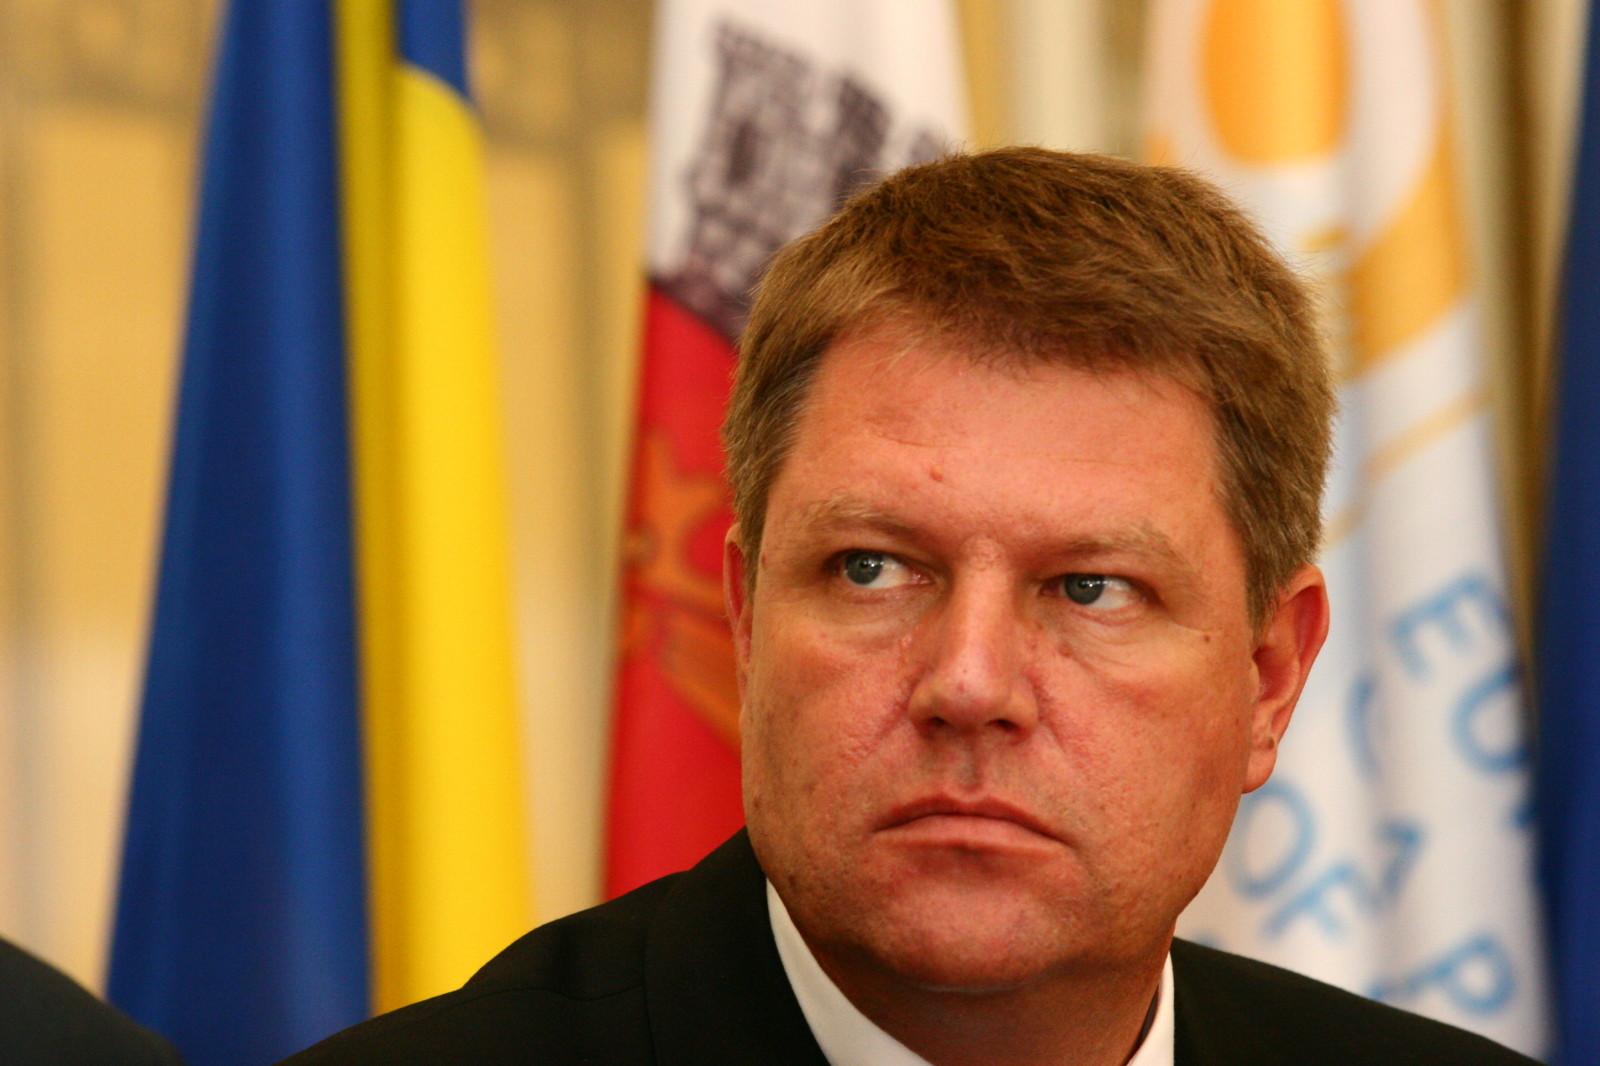 ПРОТЕСТИ У РУМУНИЈИ: Председник Јоханис на страни народа (видео)